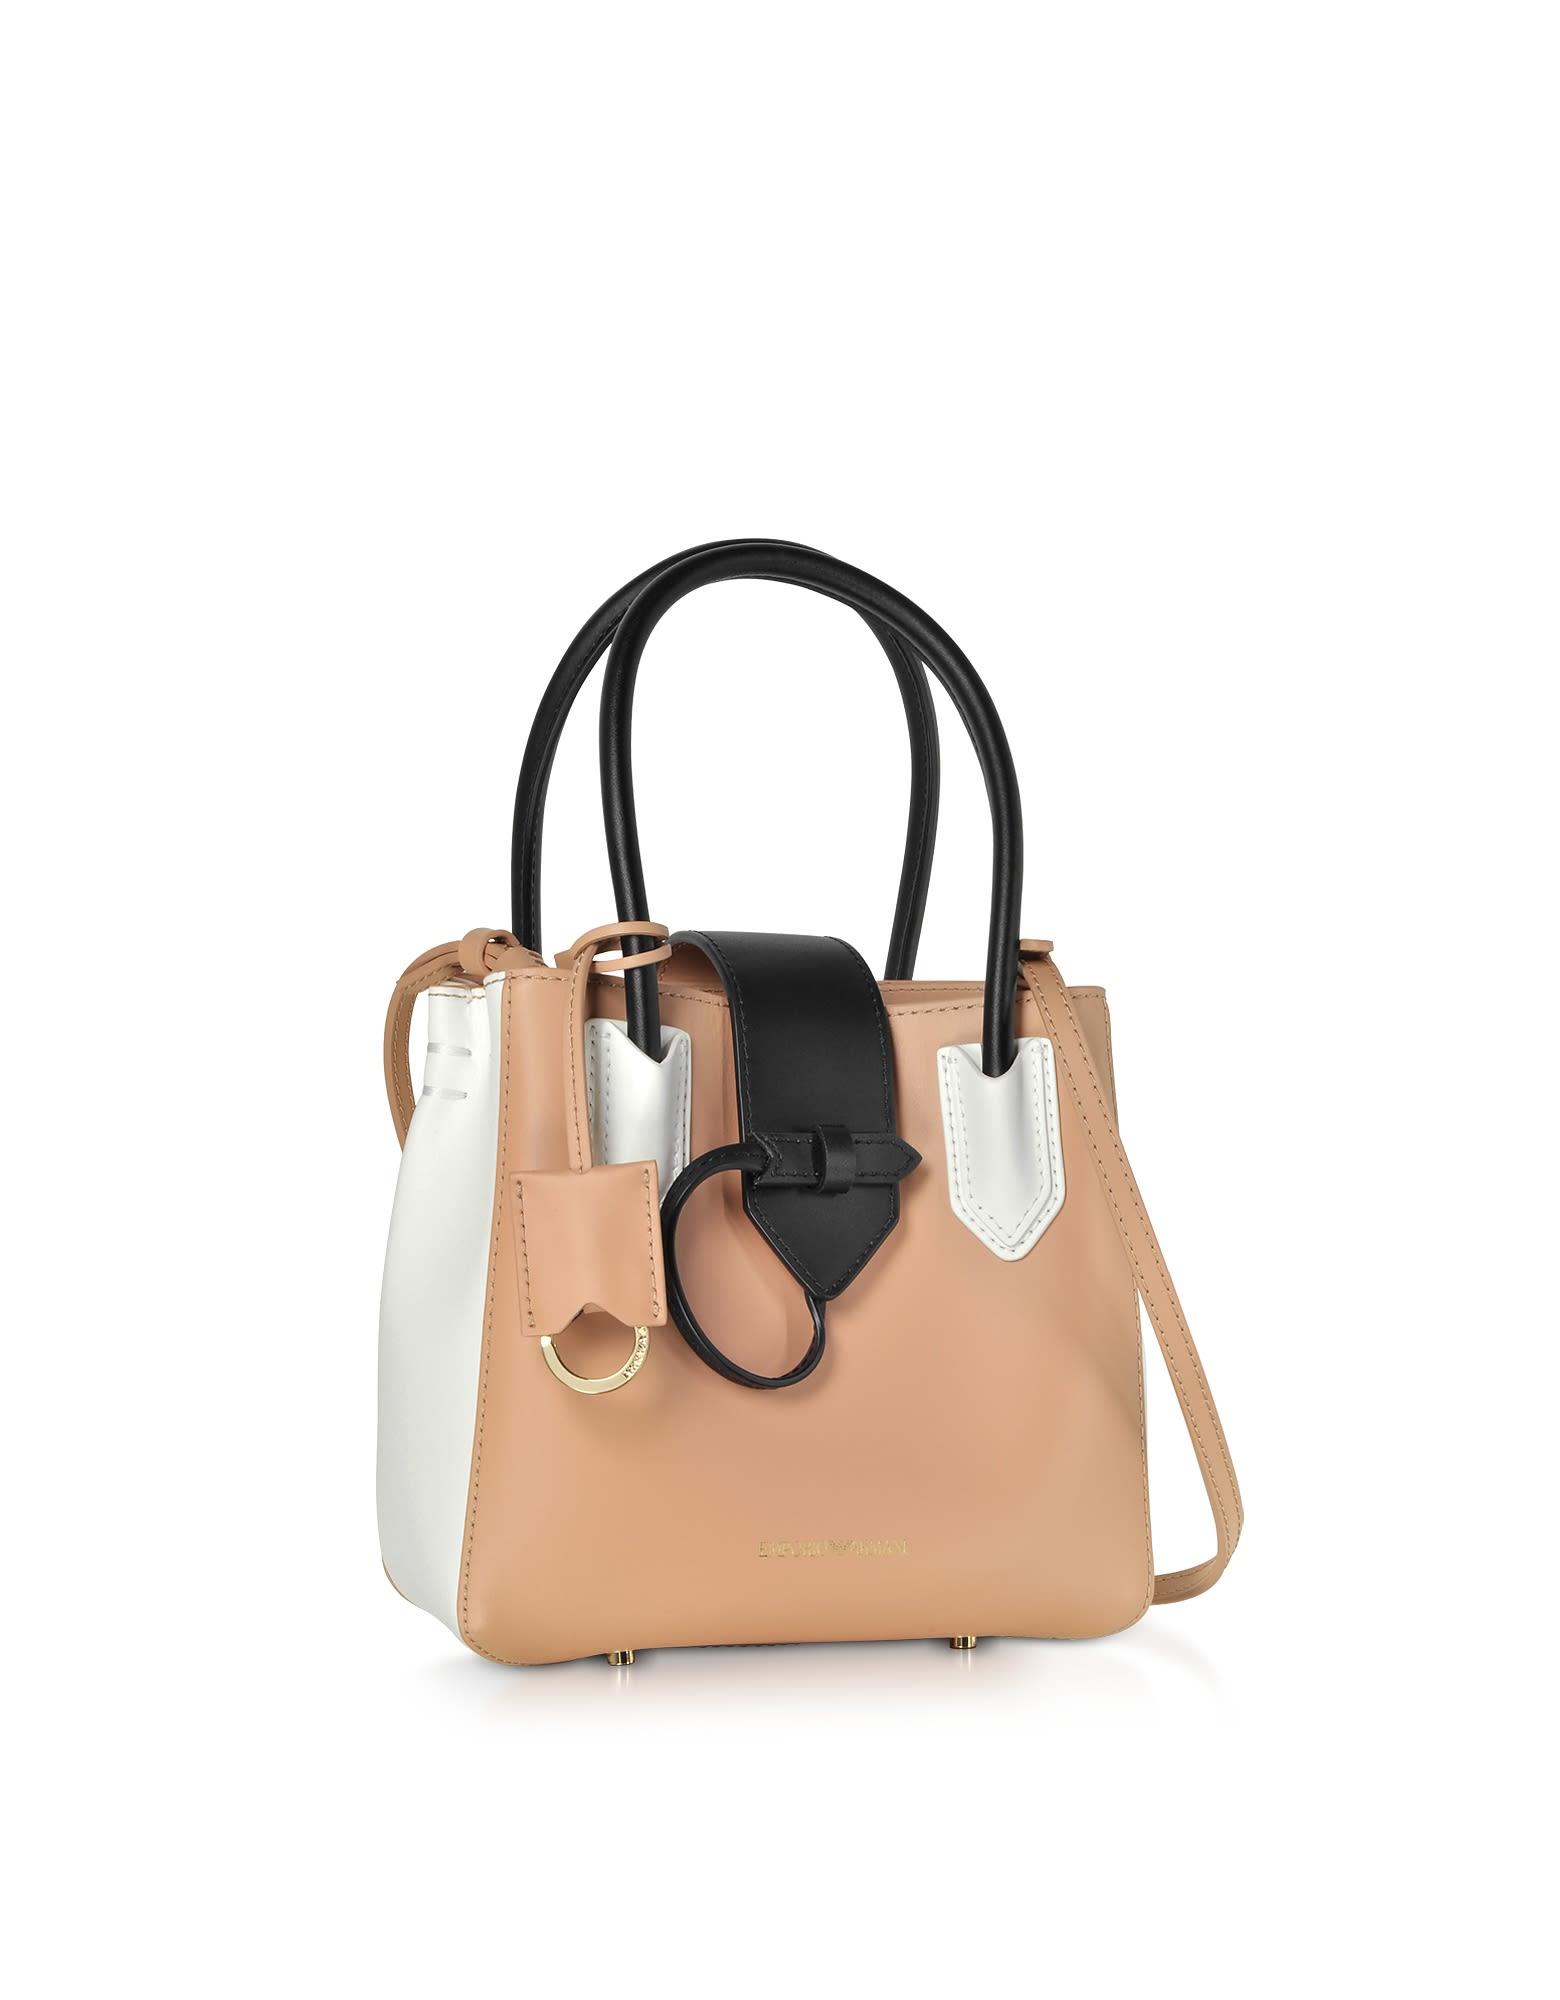 Emporio Armani Emporio Armani Color Block Satchel Bag - Black ... c6437adcc052d